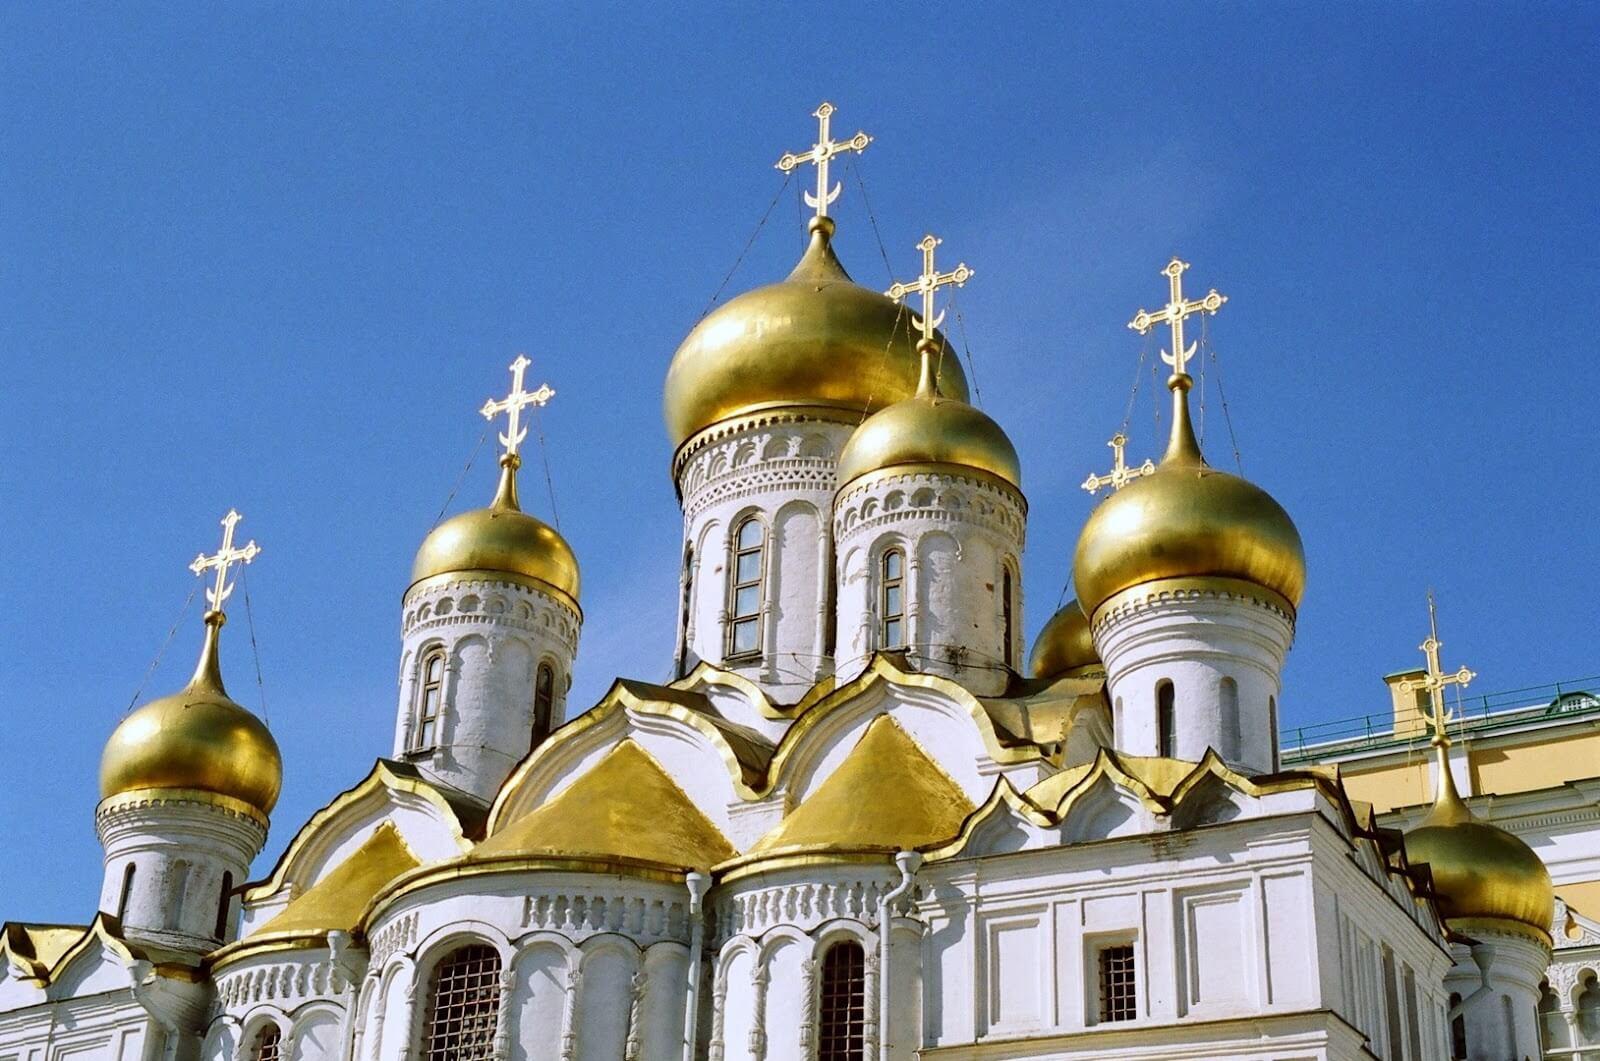 Φθηνές πτήσεις προς Μόσχα